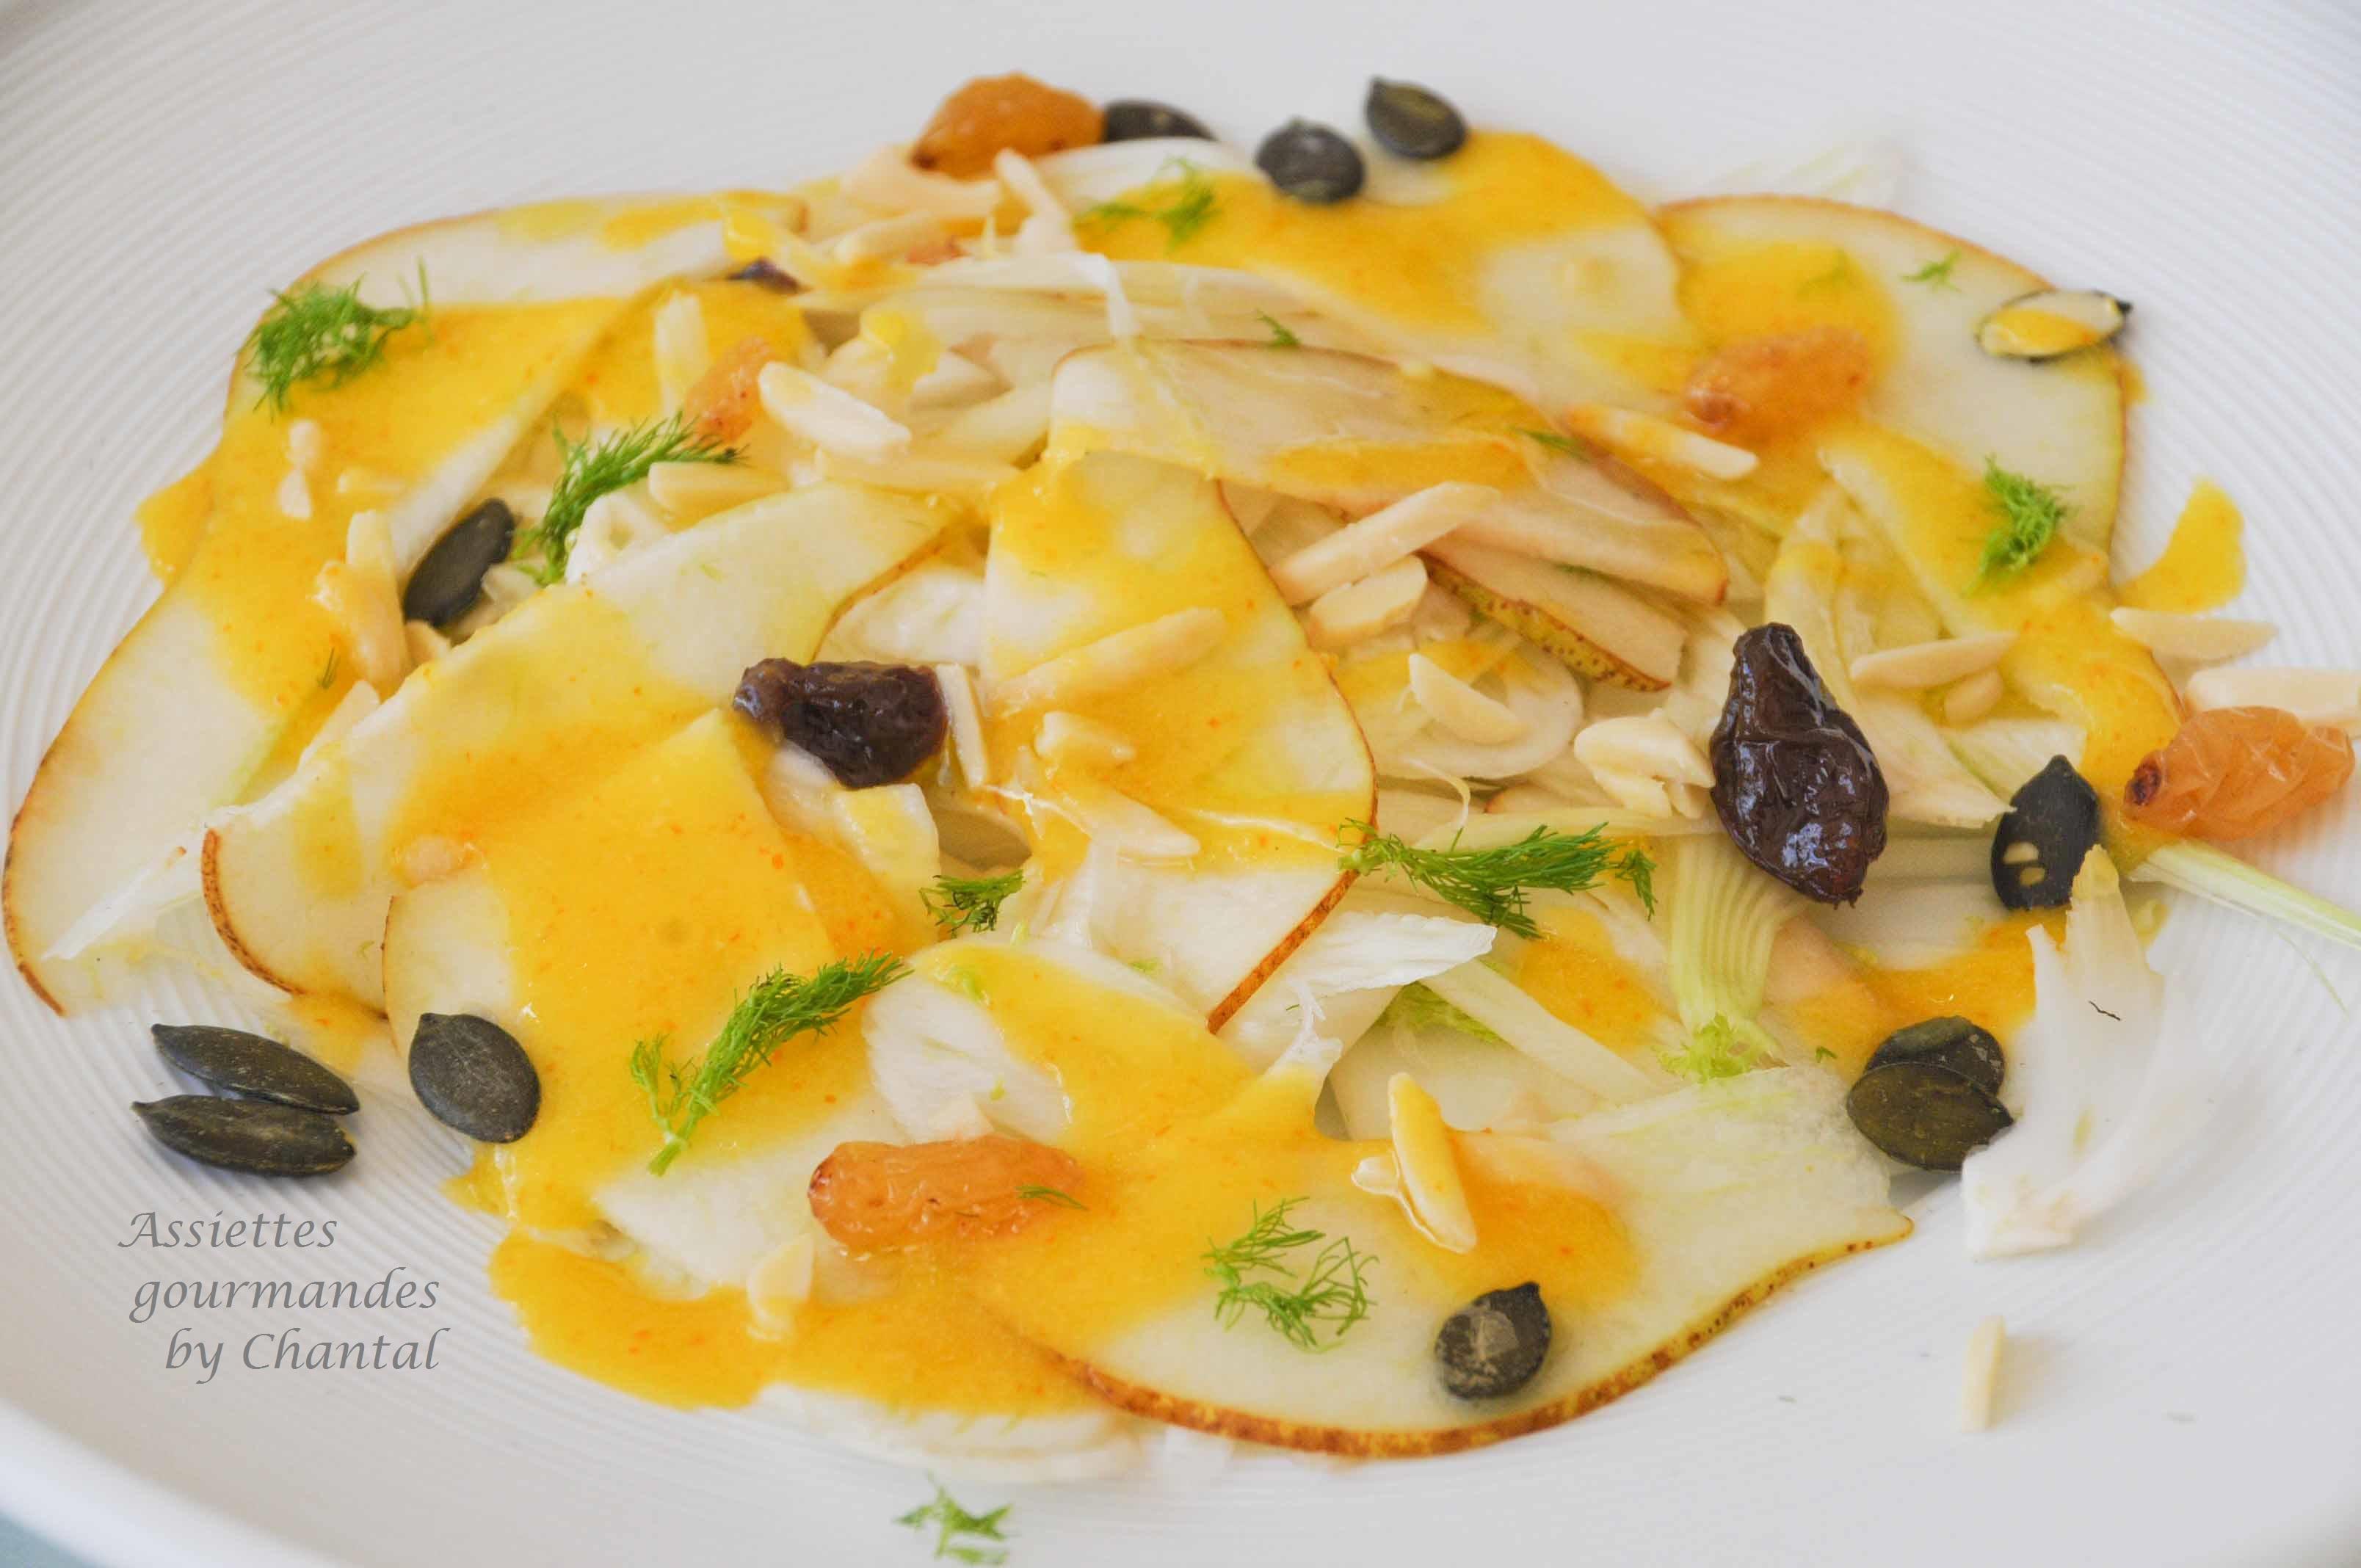 Salade fenouil poires vinaigrette la mangue for Salade entree originale